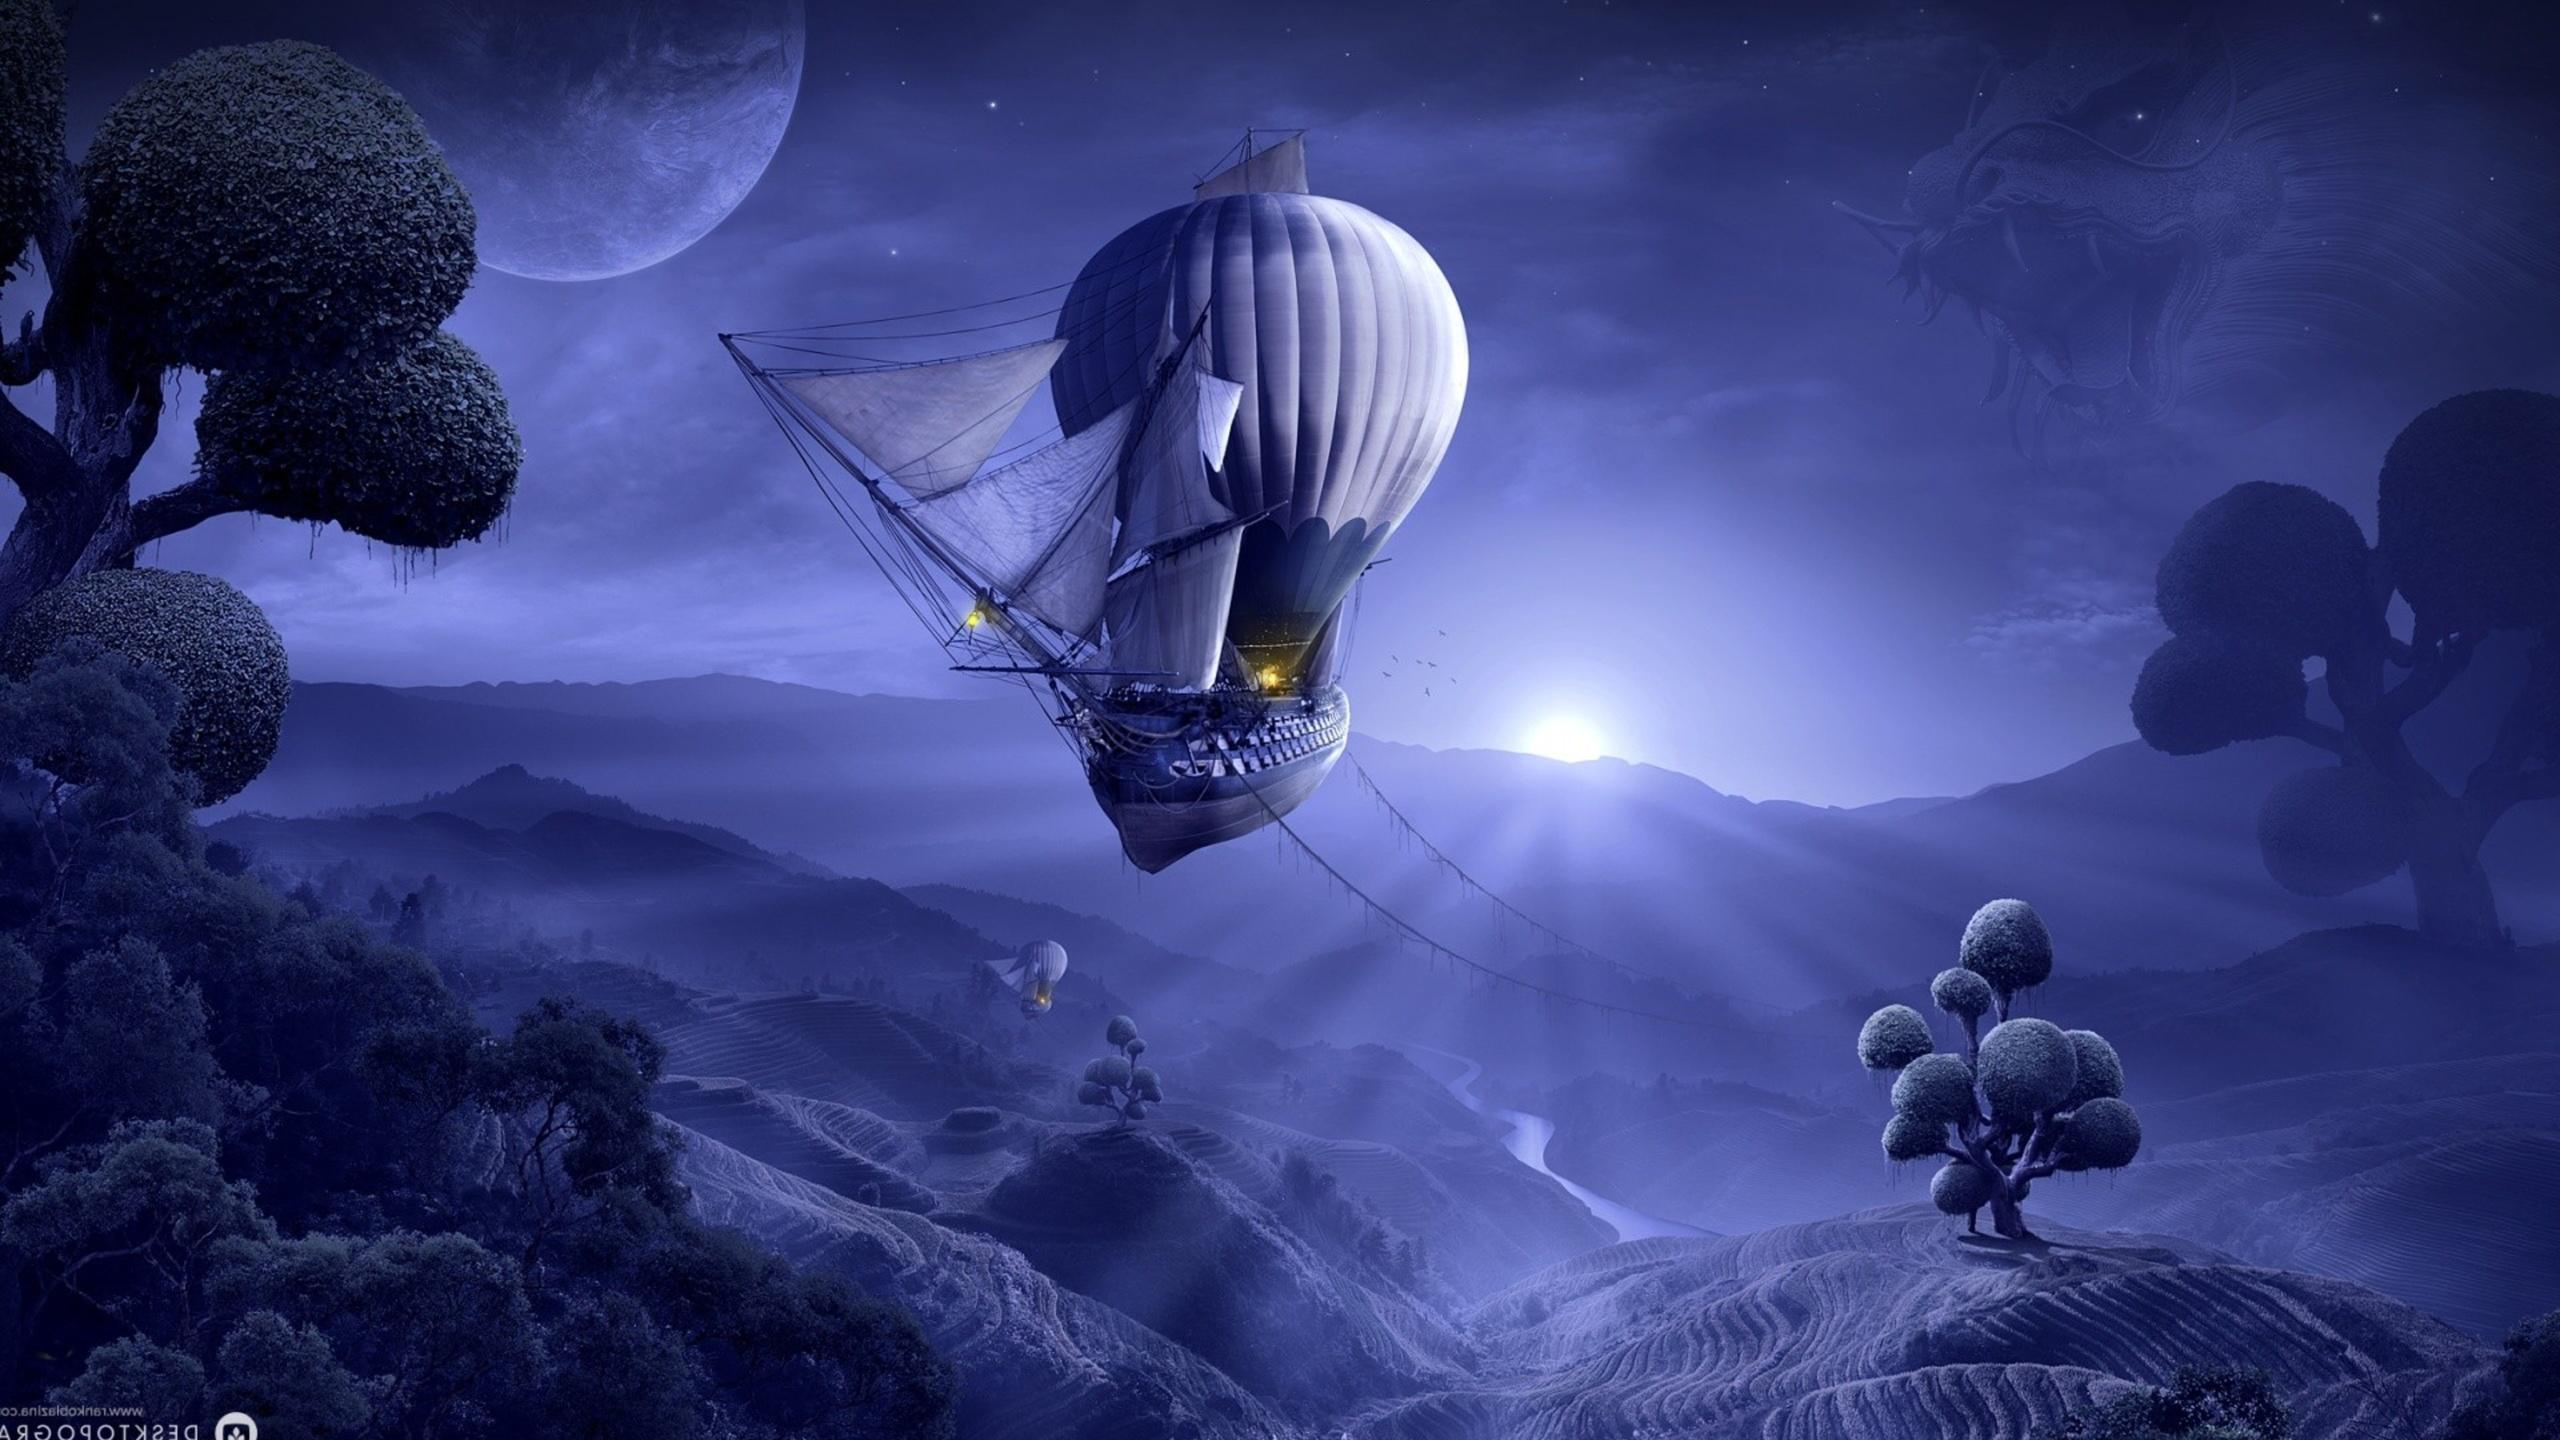 фэнтези картинки парусные корабли в космосе качестве примеров